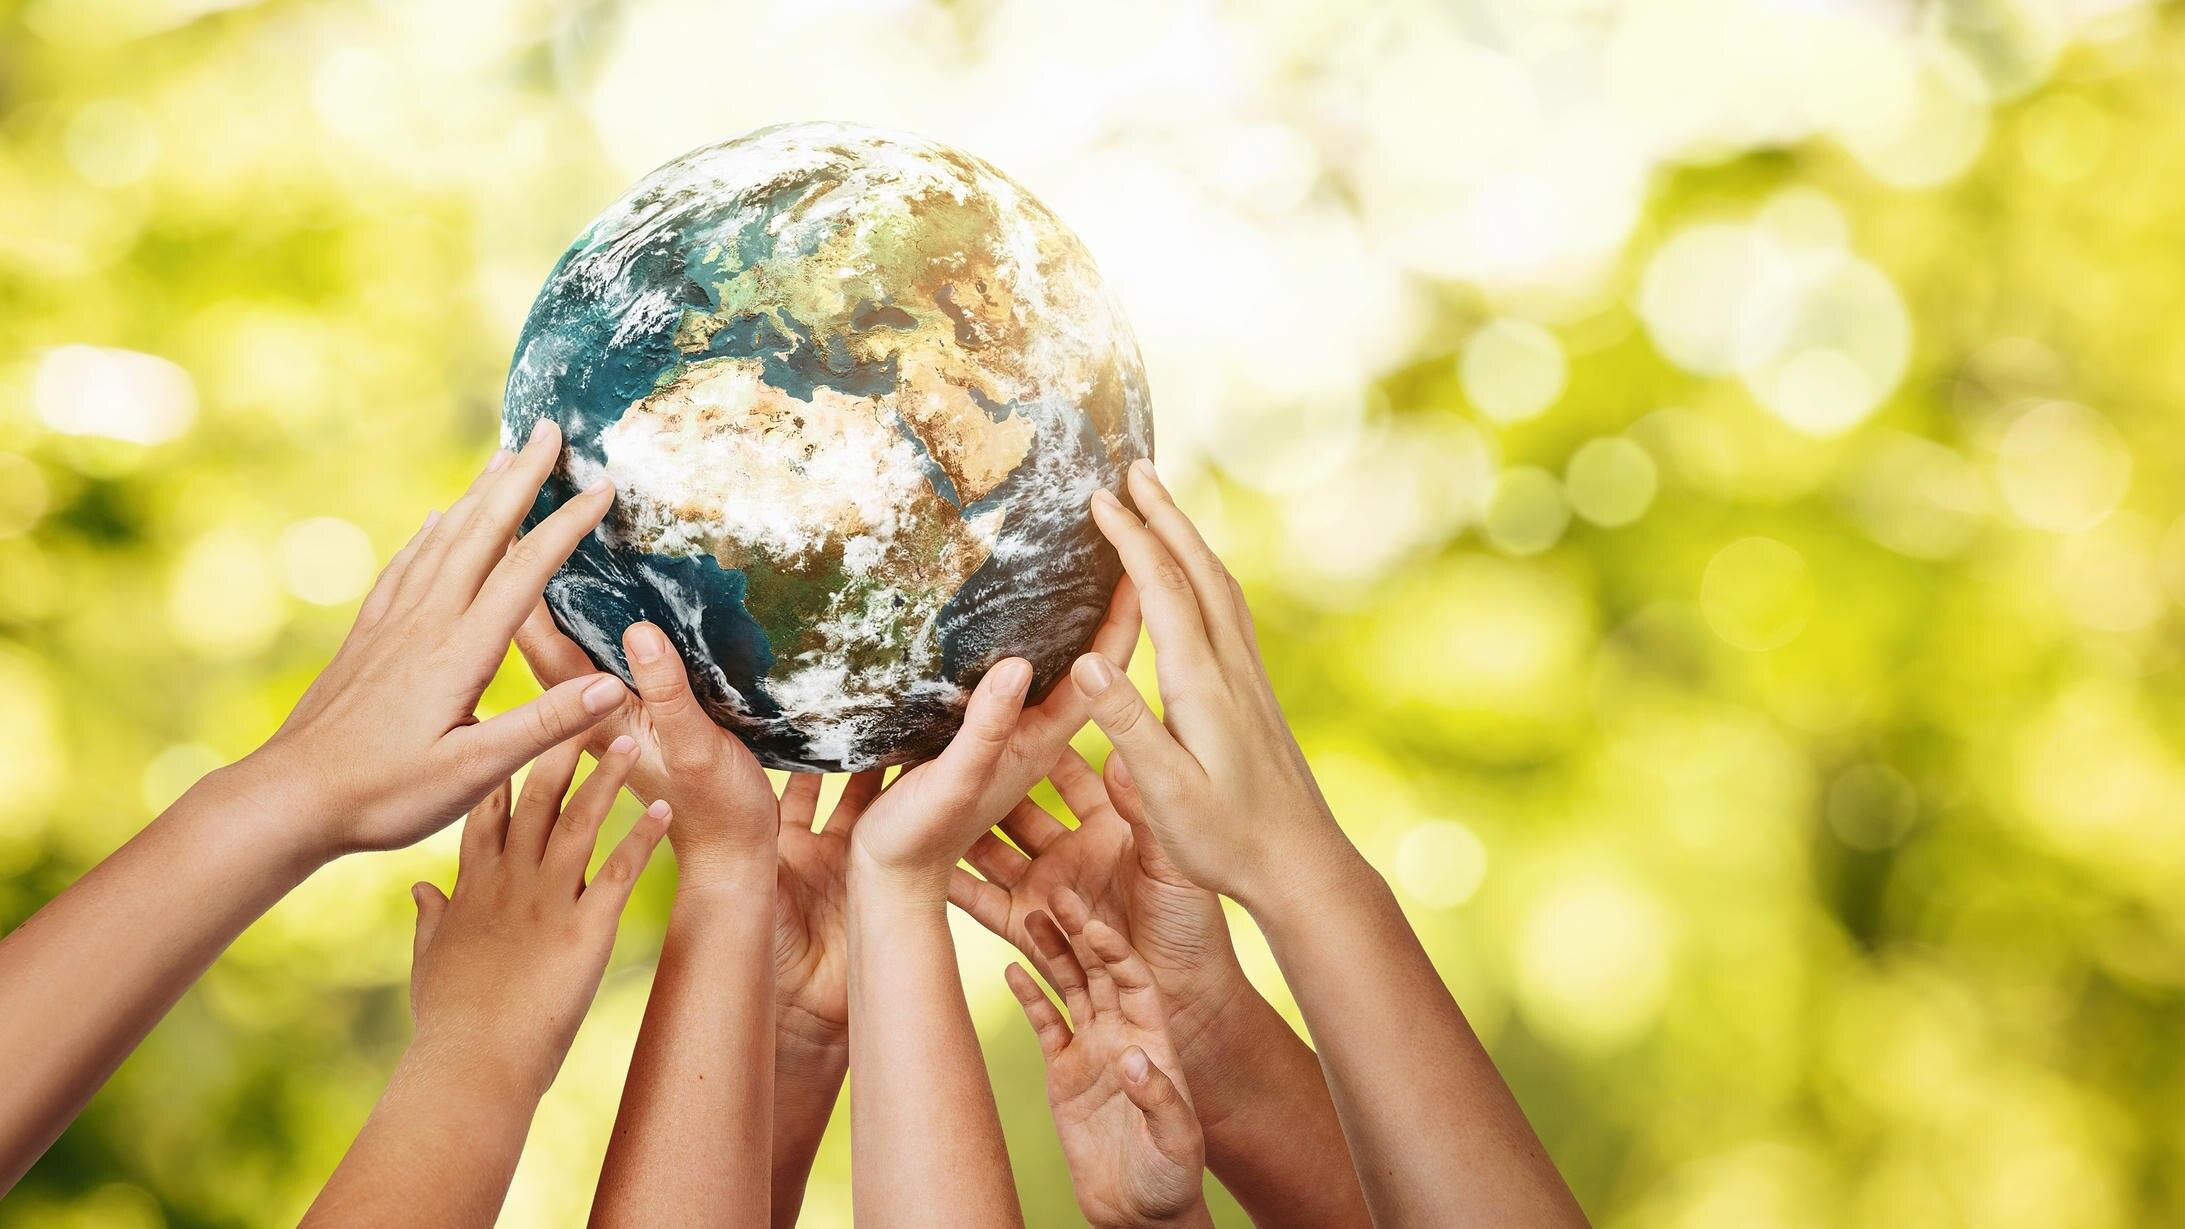 Jeder kann die Erde zu einem besseren Ort machen.